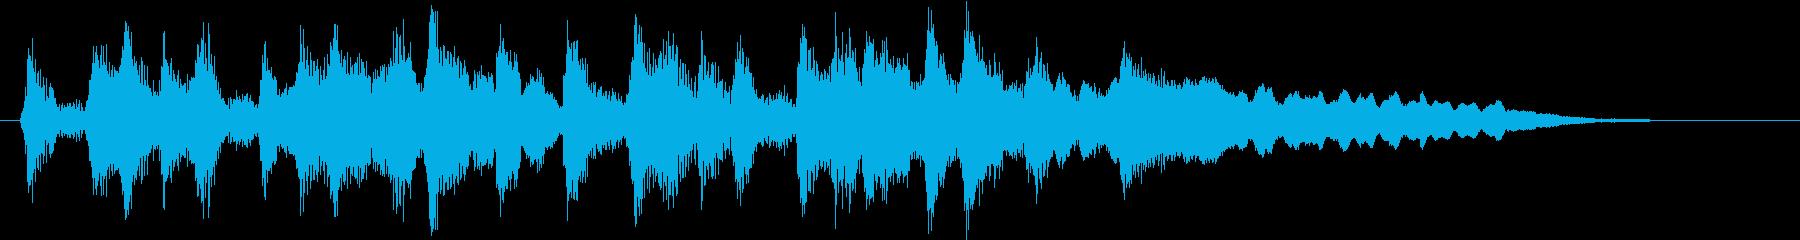 おしゃれなボサノバ調のジングルの再生済みの波形